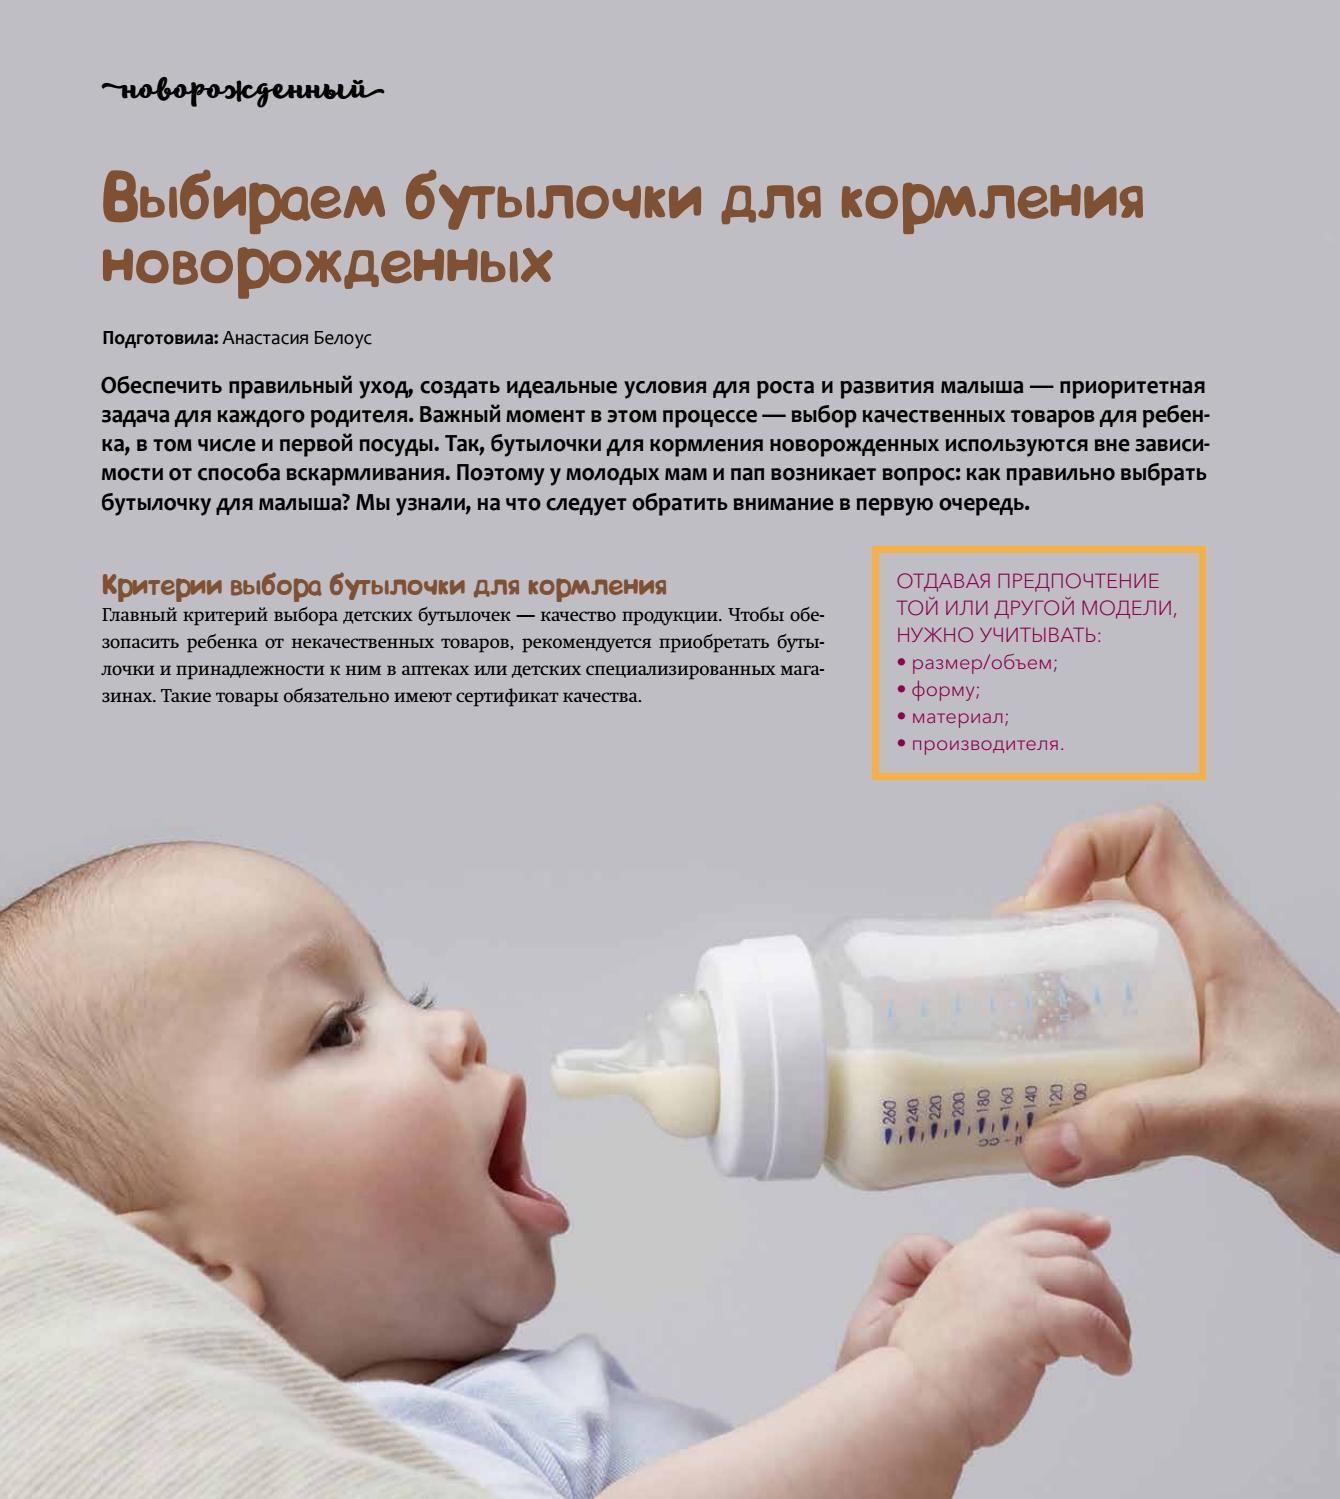 Секреты здоровья вашего ребенка: учимся, как правильно кормить новорожденного из бутылочки